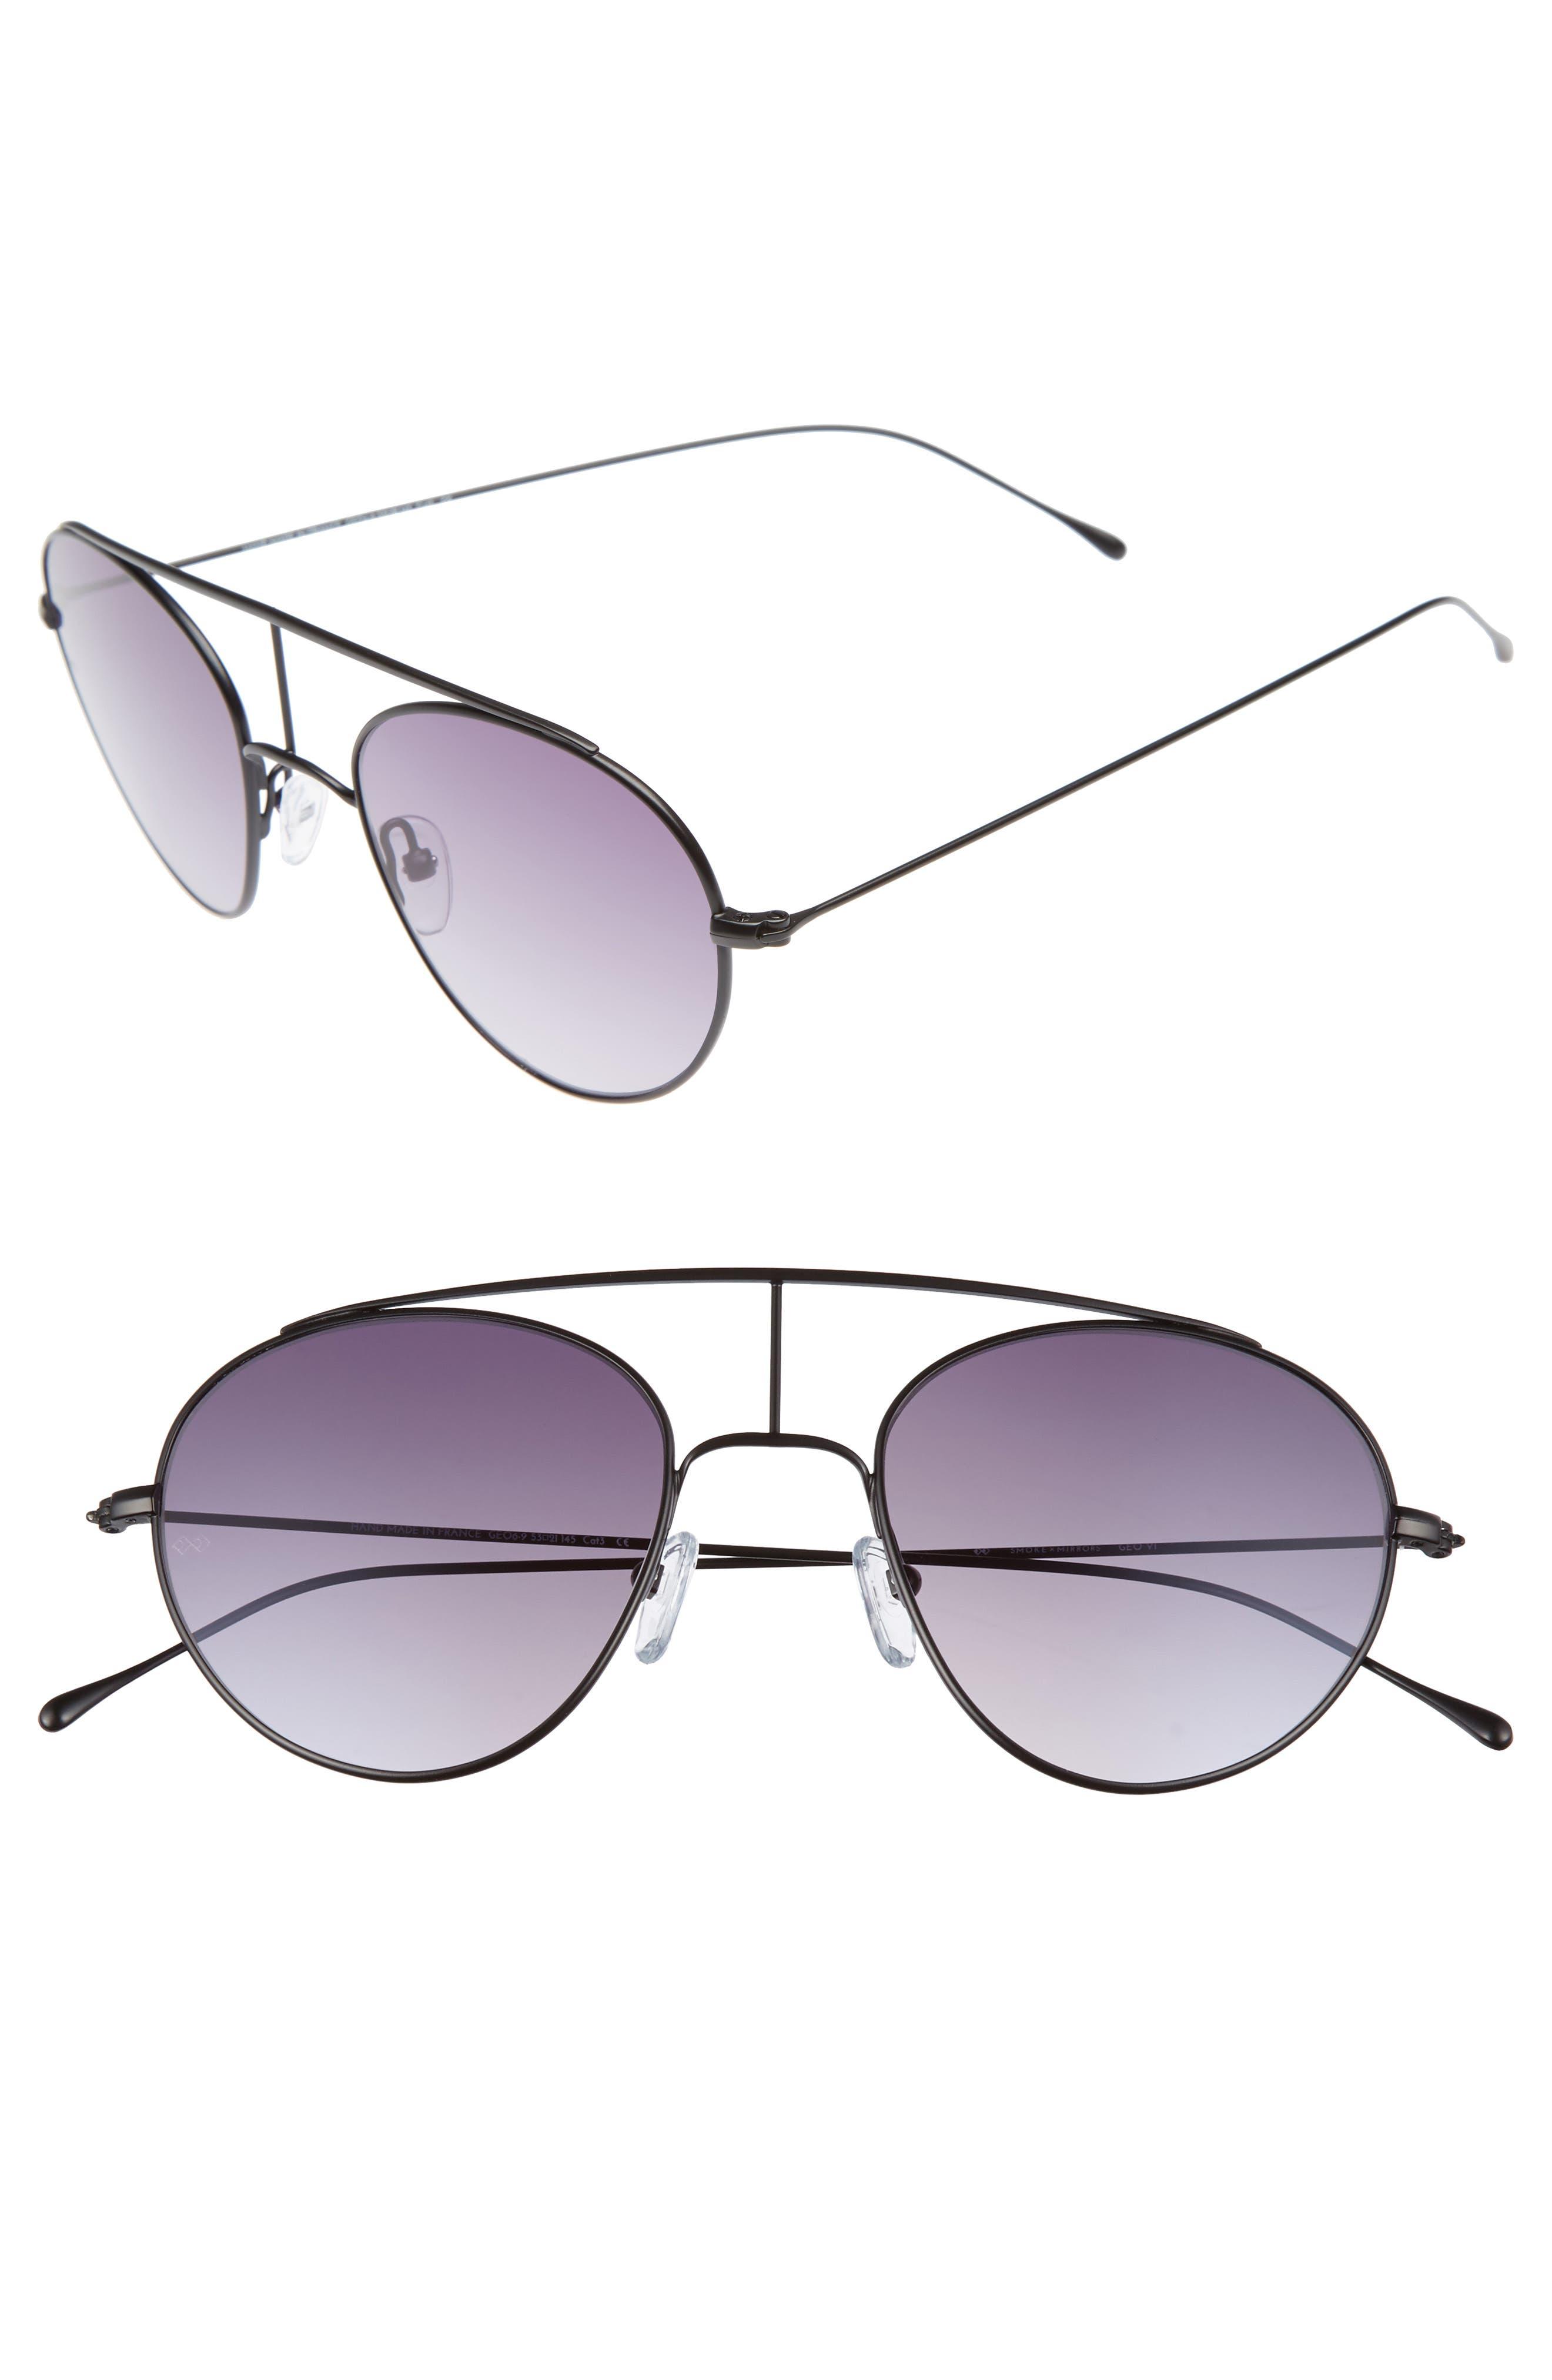 Geo 6 53mm Retro Sunglasses,                         Main,                         color, 001